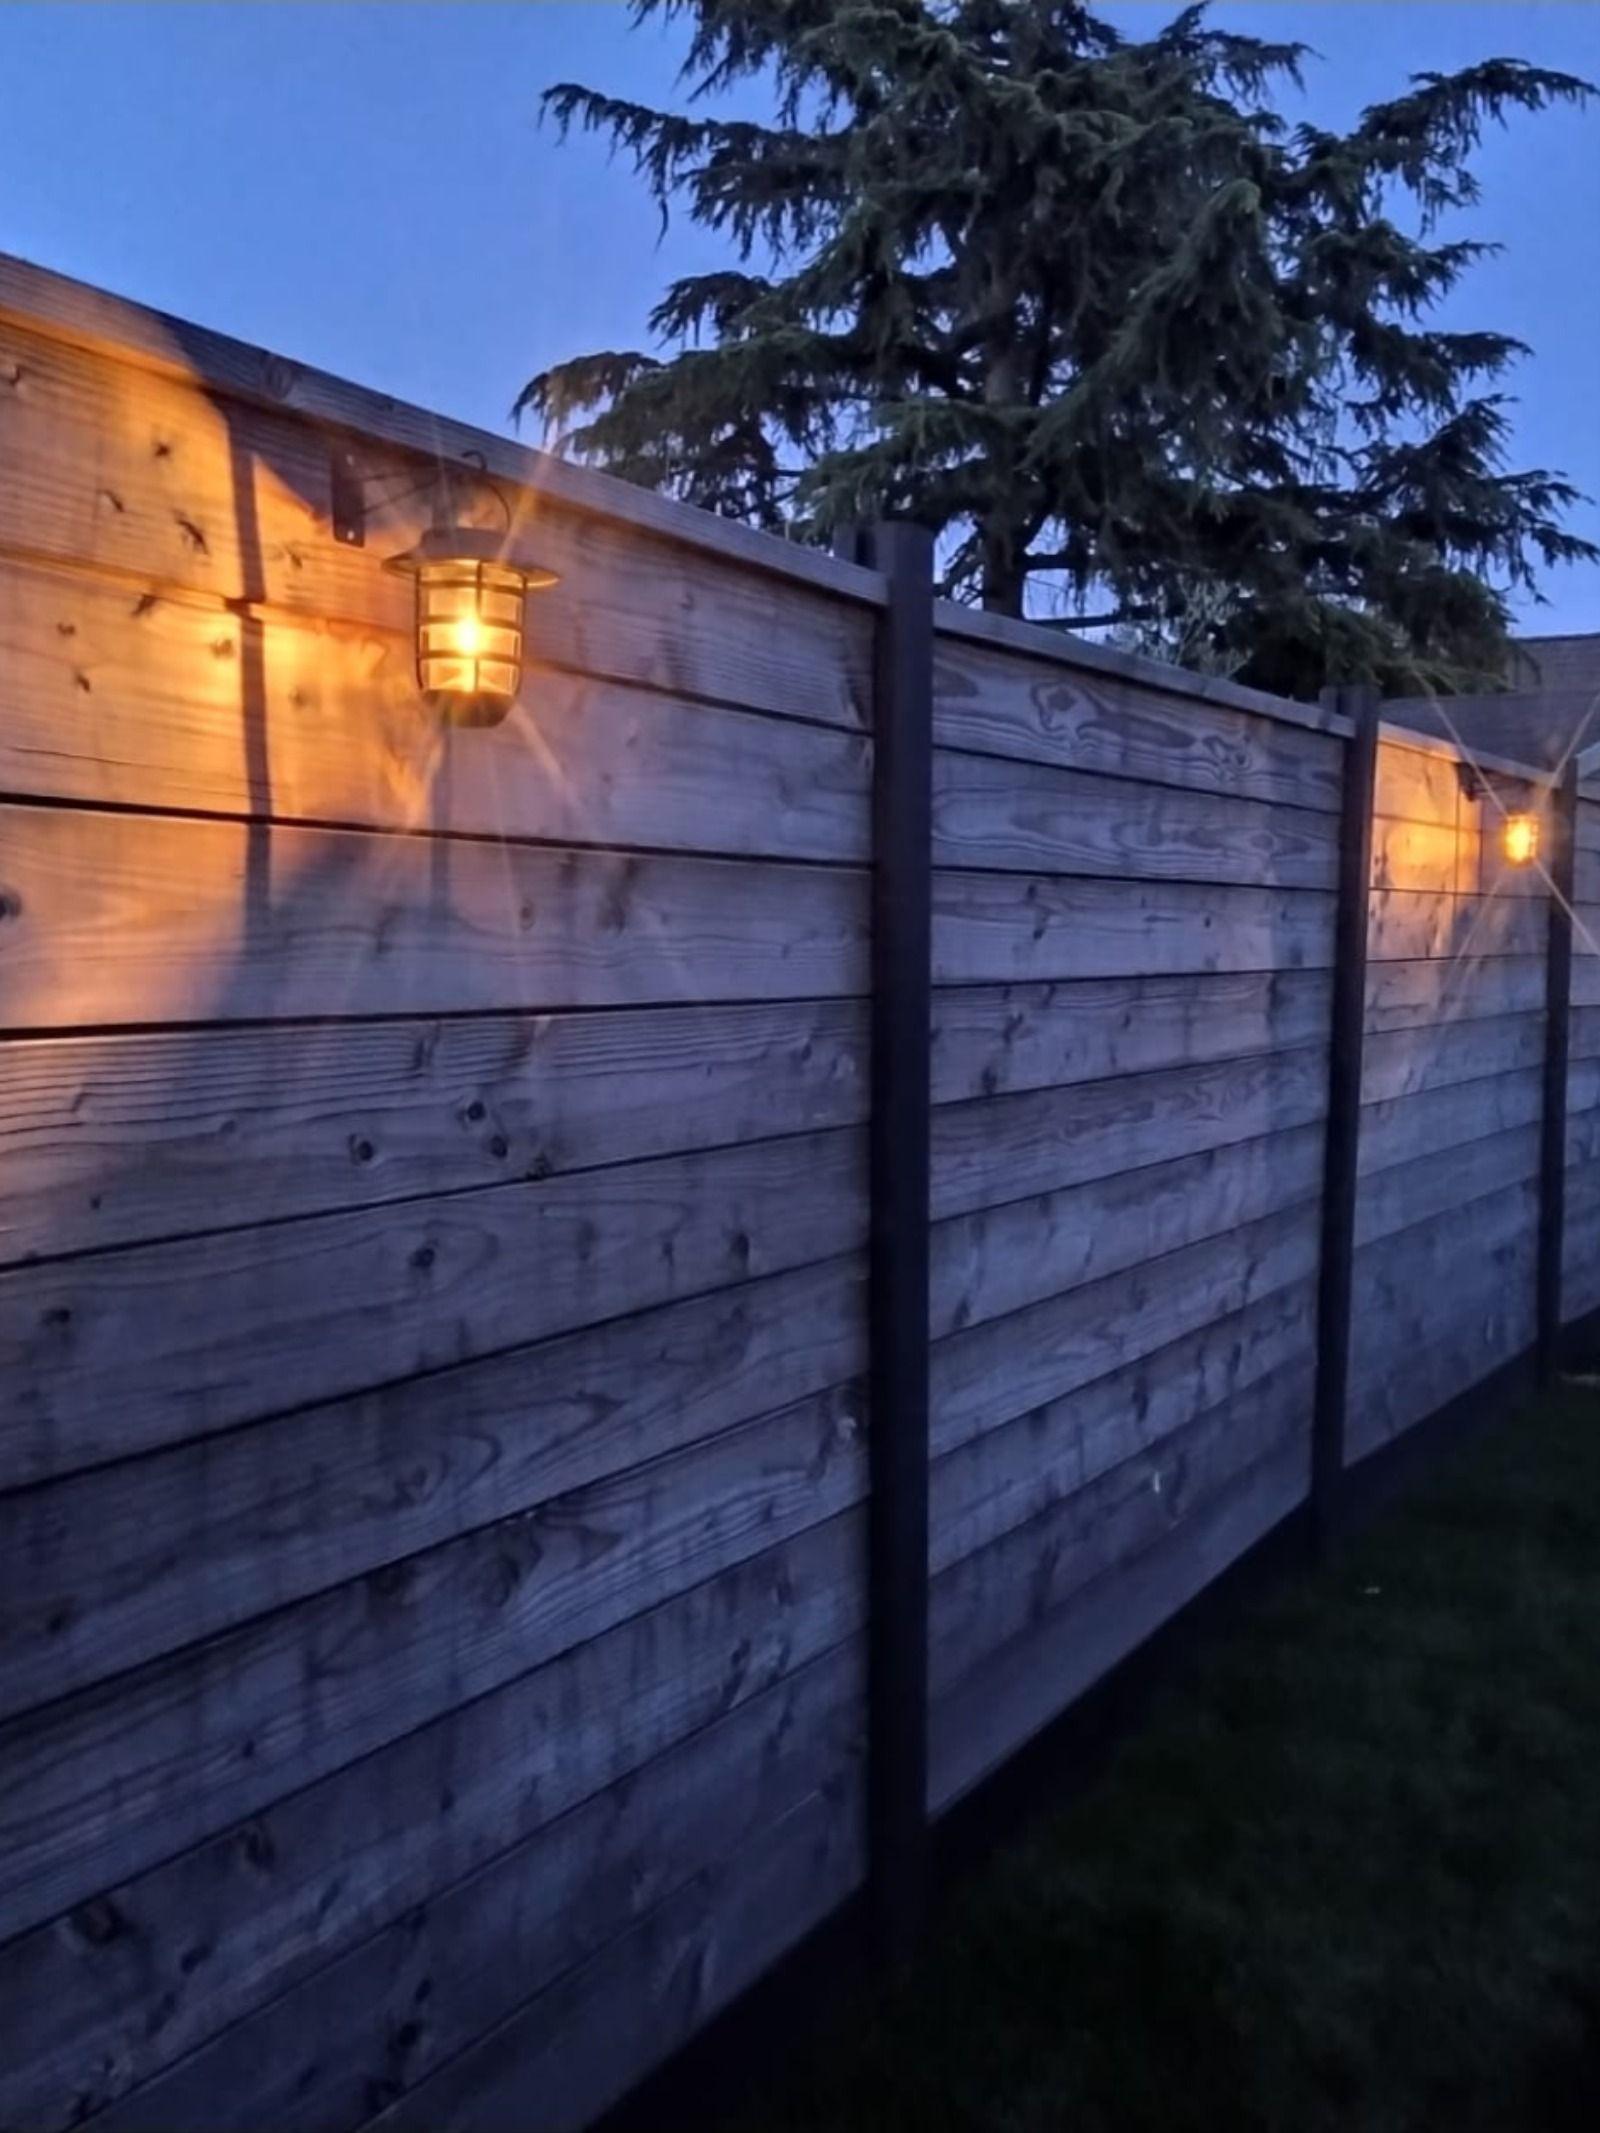 Solar Led Wandlamp Sting In 2020 Solar Tuinverlichting Tuinverlichting Wandlamp